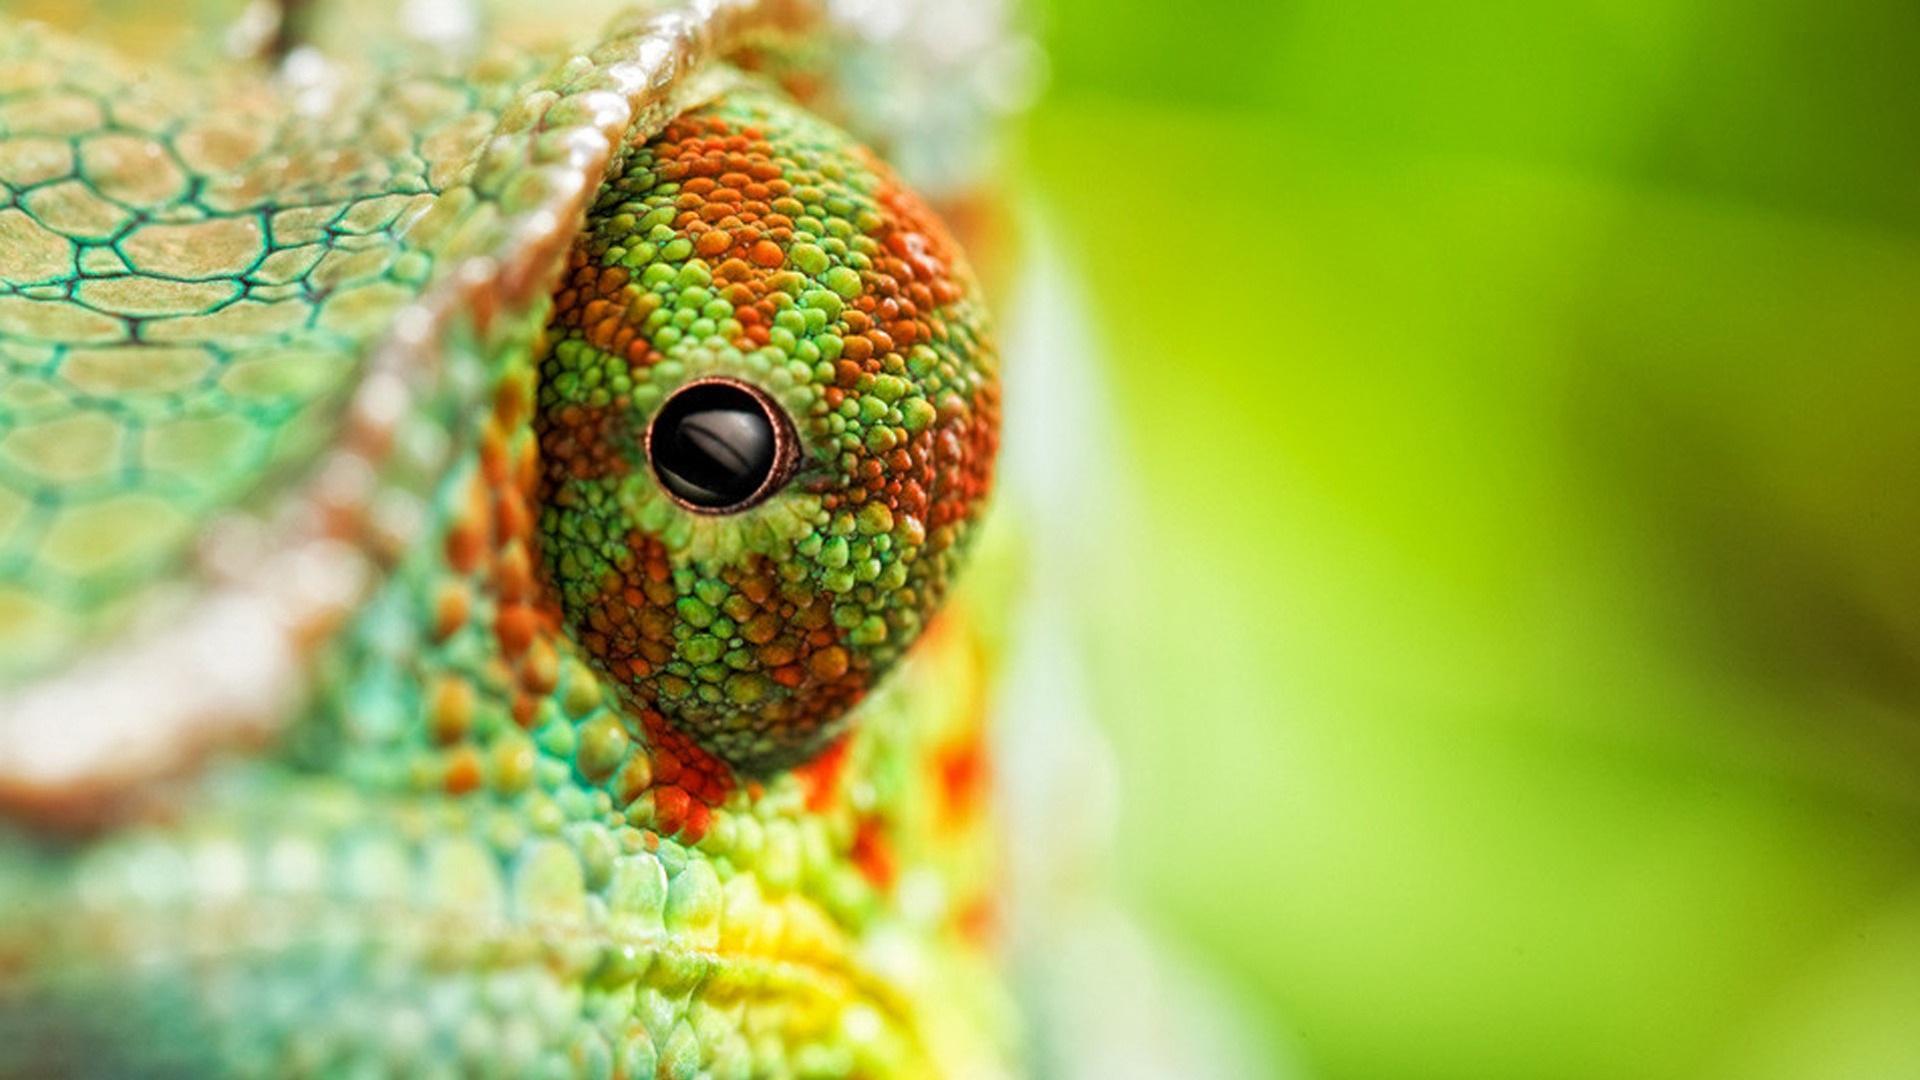 4k chameleon wallpapers - top free 4k chameleon